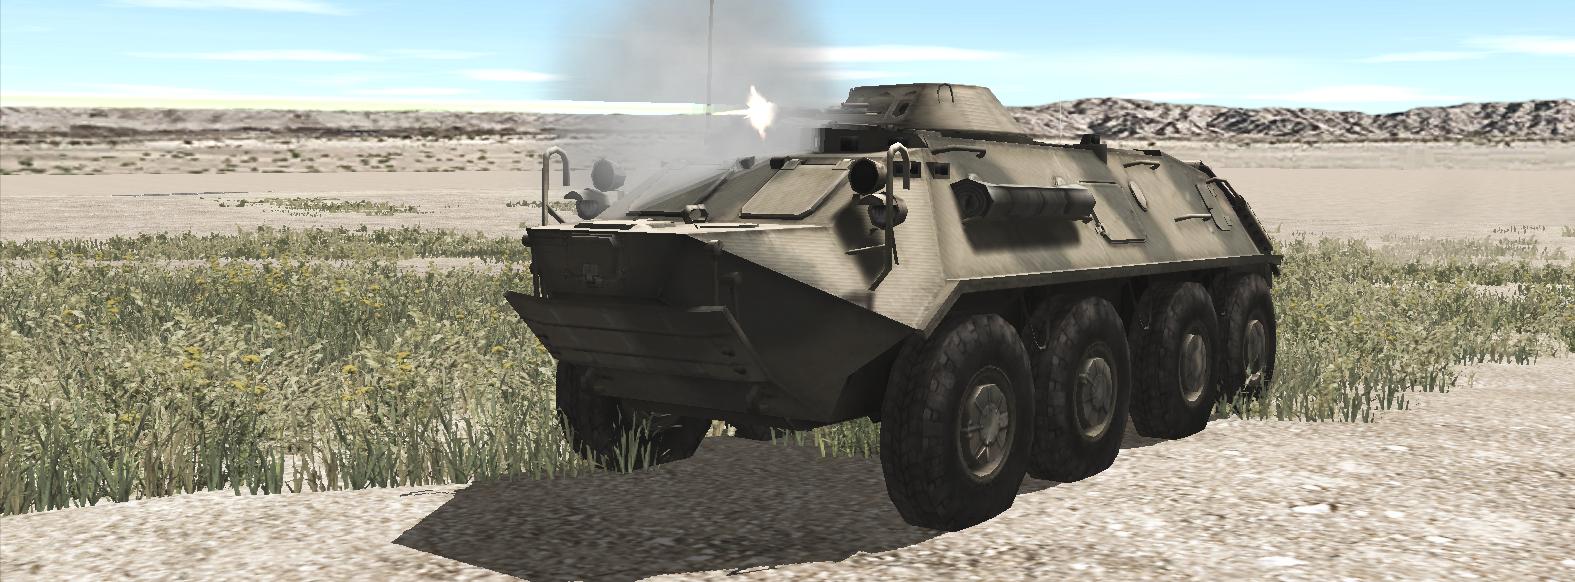 E+BTR2+v+BRDM+01.png